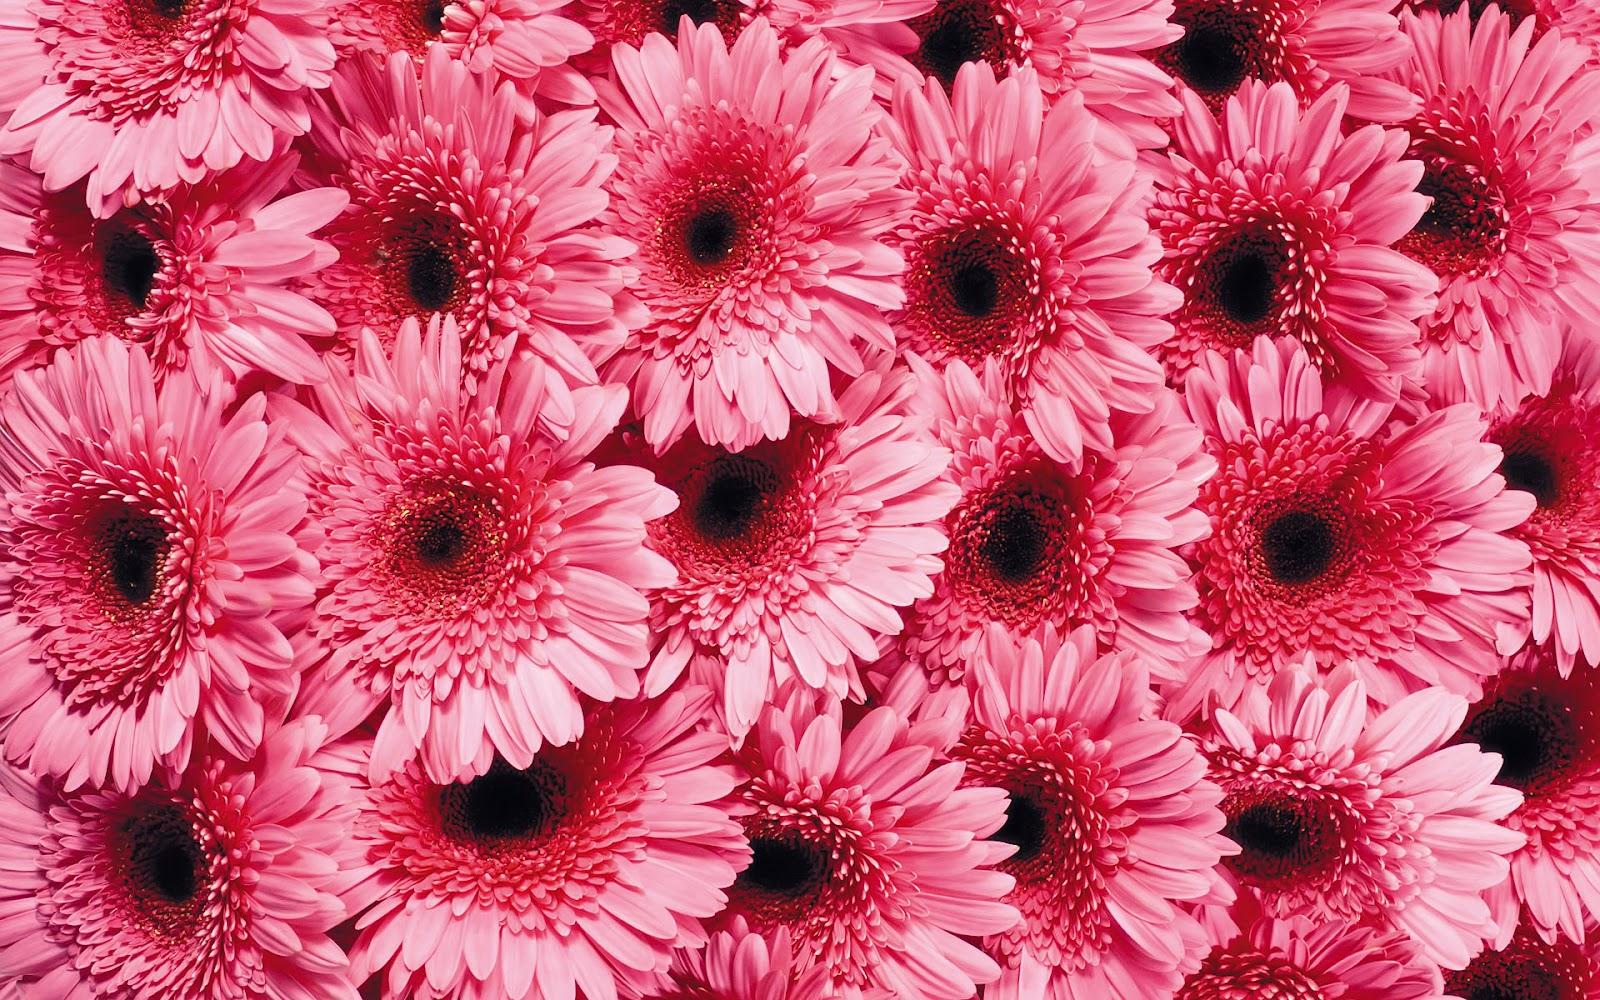 bureaublad achtergrond vol met fel roze bloemen